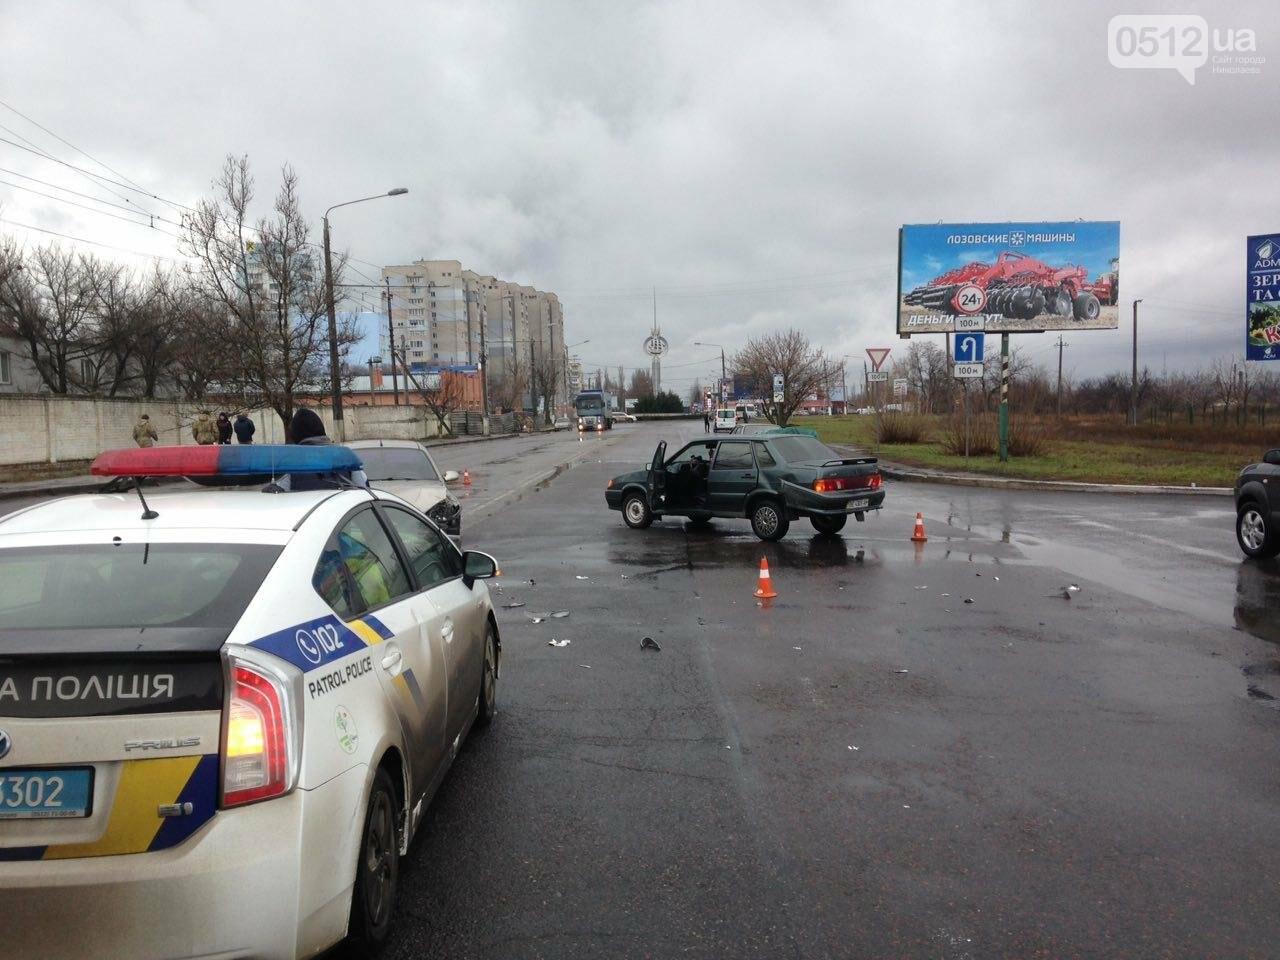 В Николаеве нетрезвый водитель ВАЗа подрезал Daewoo и спровоцировал ДТП, - ФОТО, фото-5